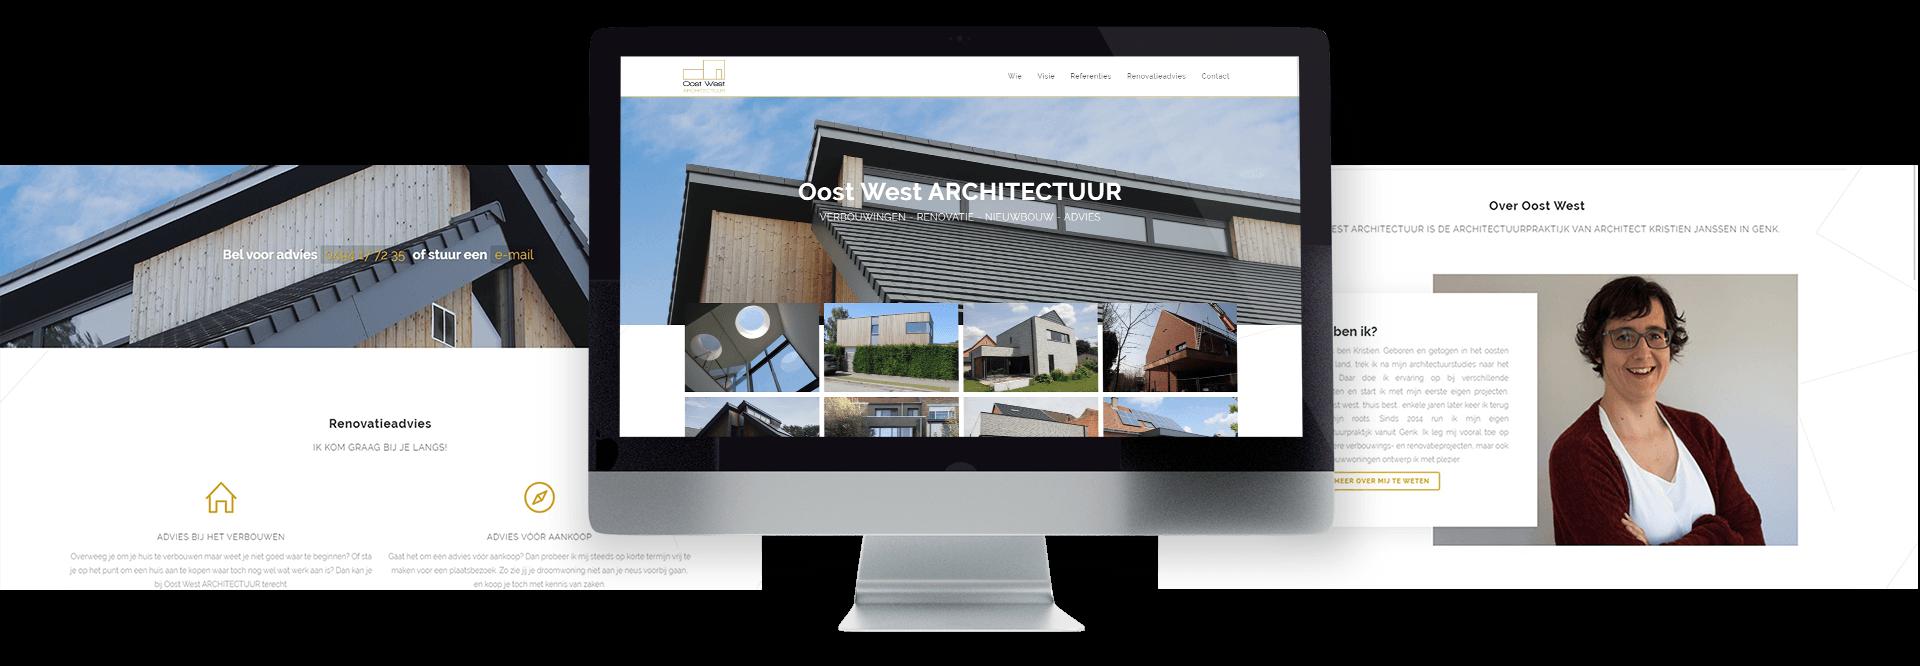 Moderne website met portfolio voor architecte Kristien Janssen te Genk